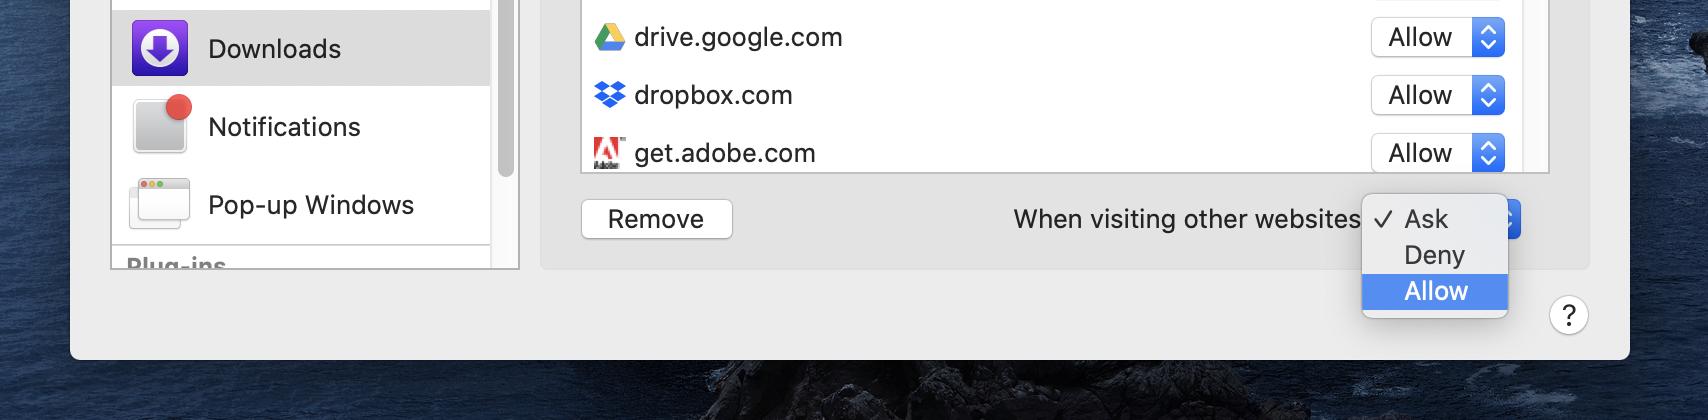 How всегда разрешать загрузки в Safari, пошаговое руководство 2